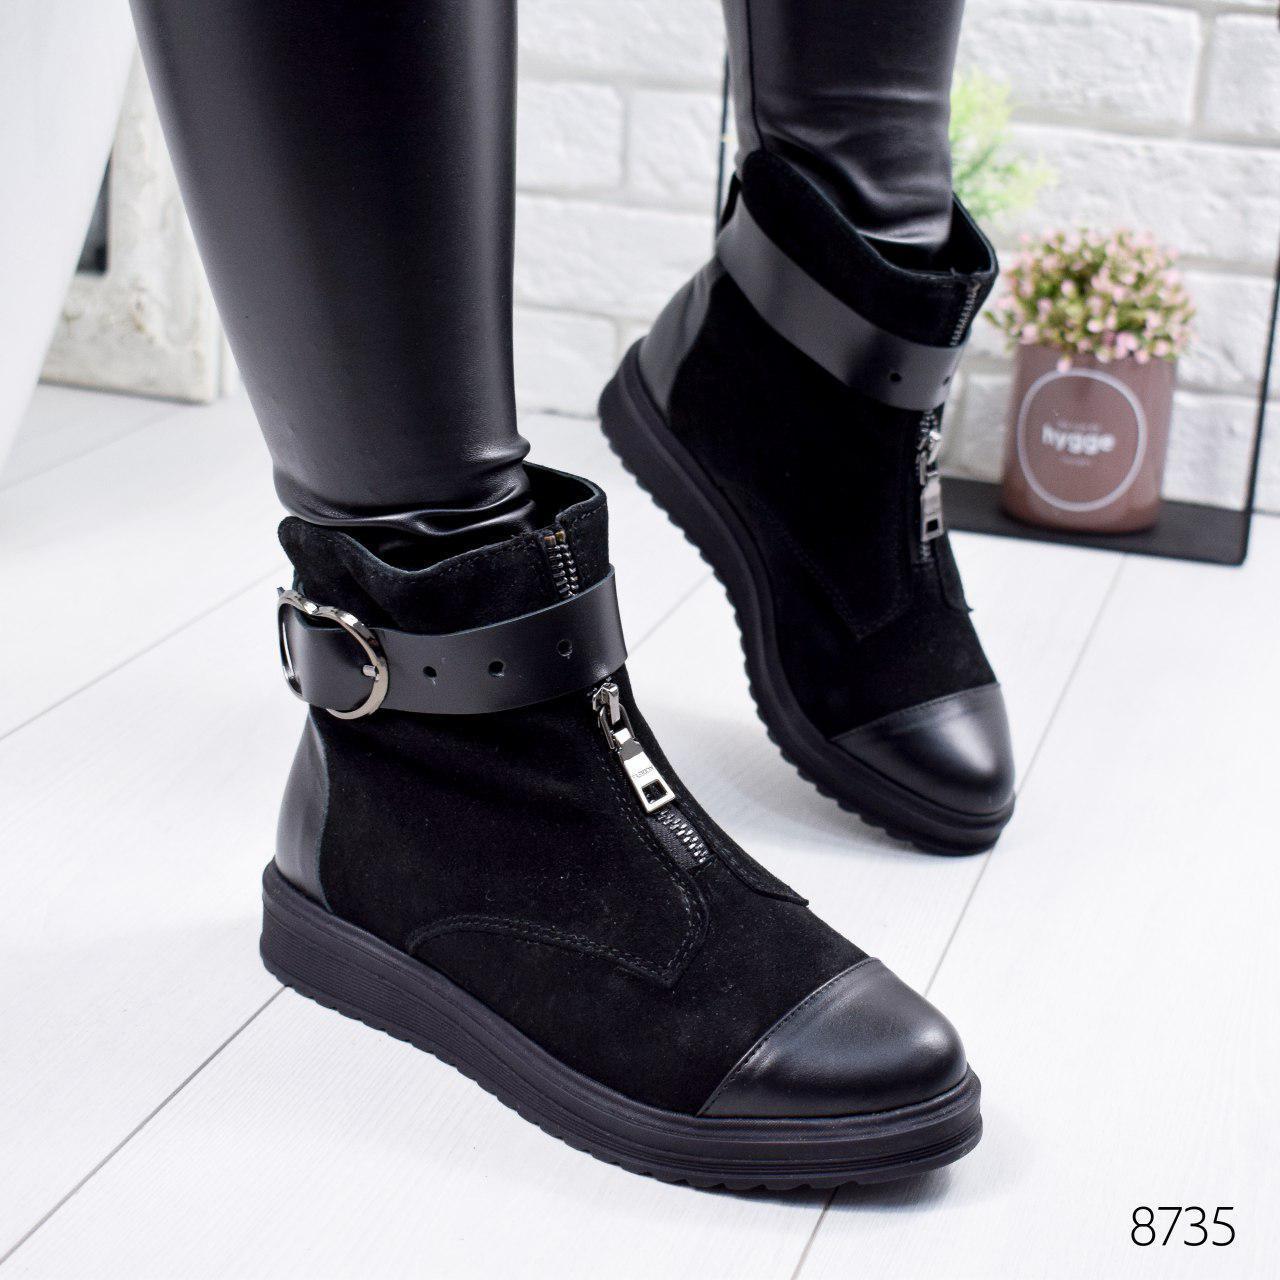 """Ботинки женские зимние """"Adeya"""" черного цвета из натуральной замши. Ботильоны женские. Ботильоны зима"""